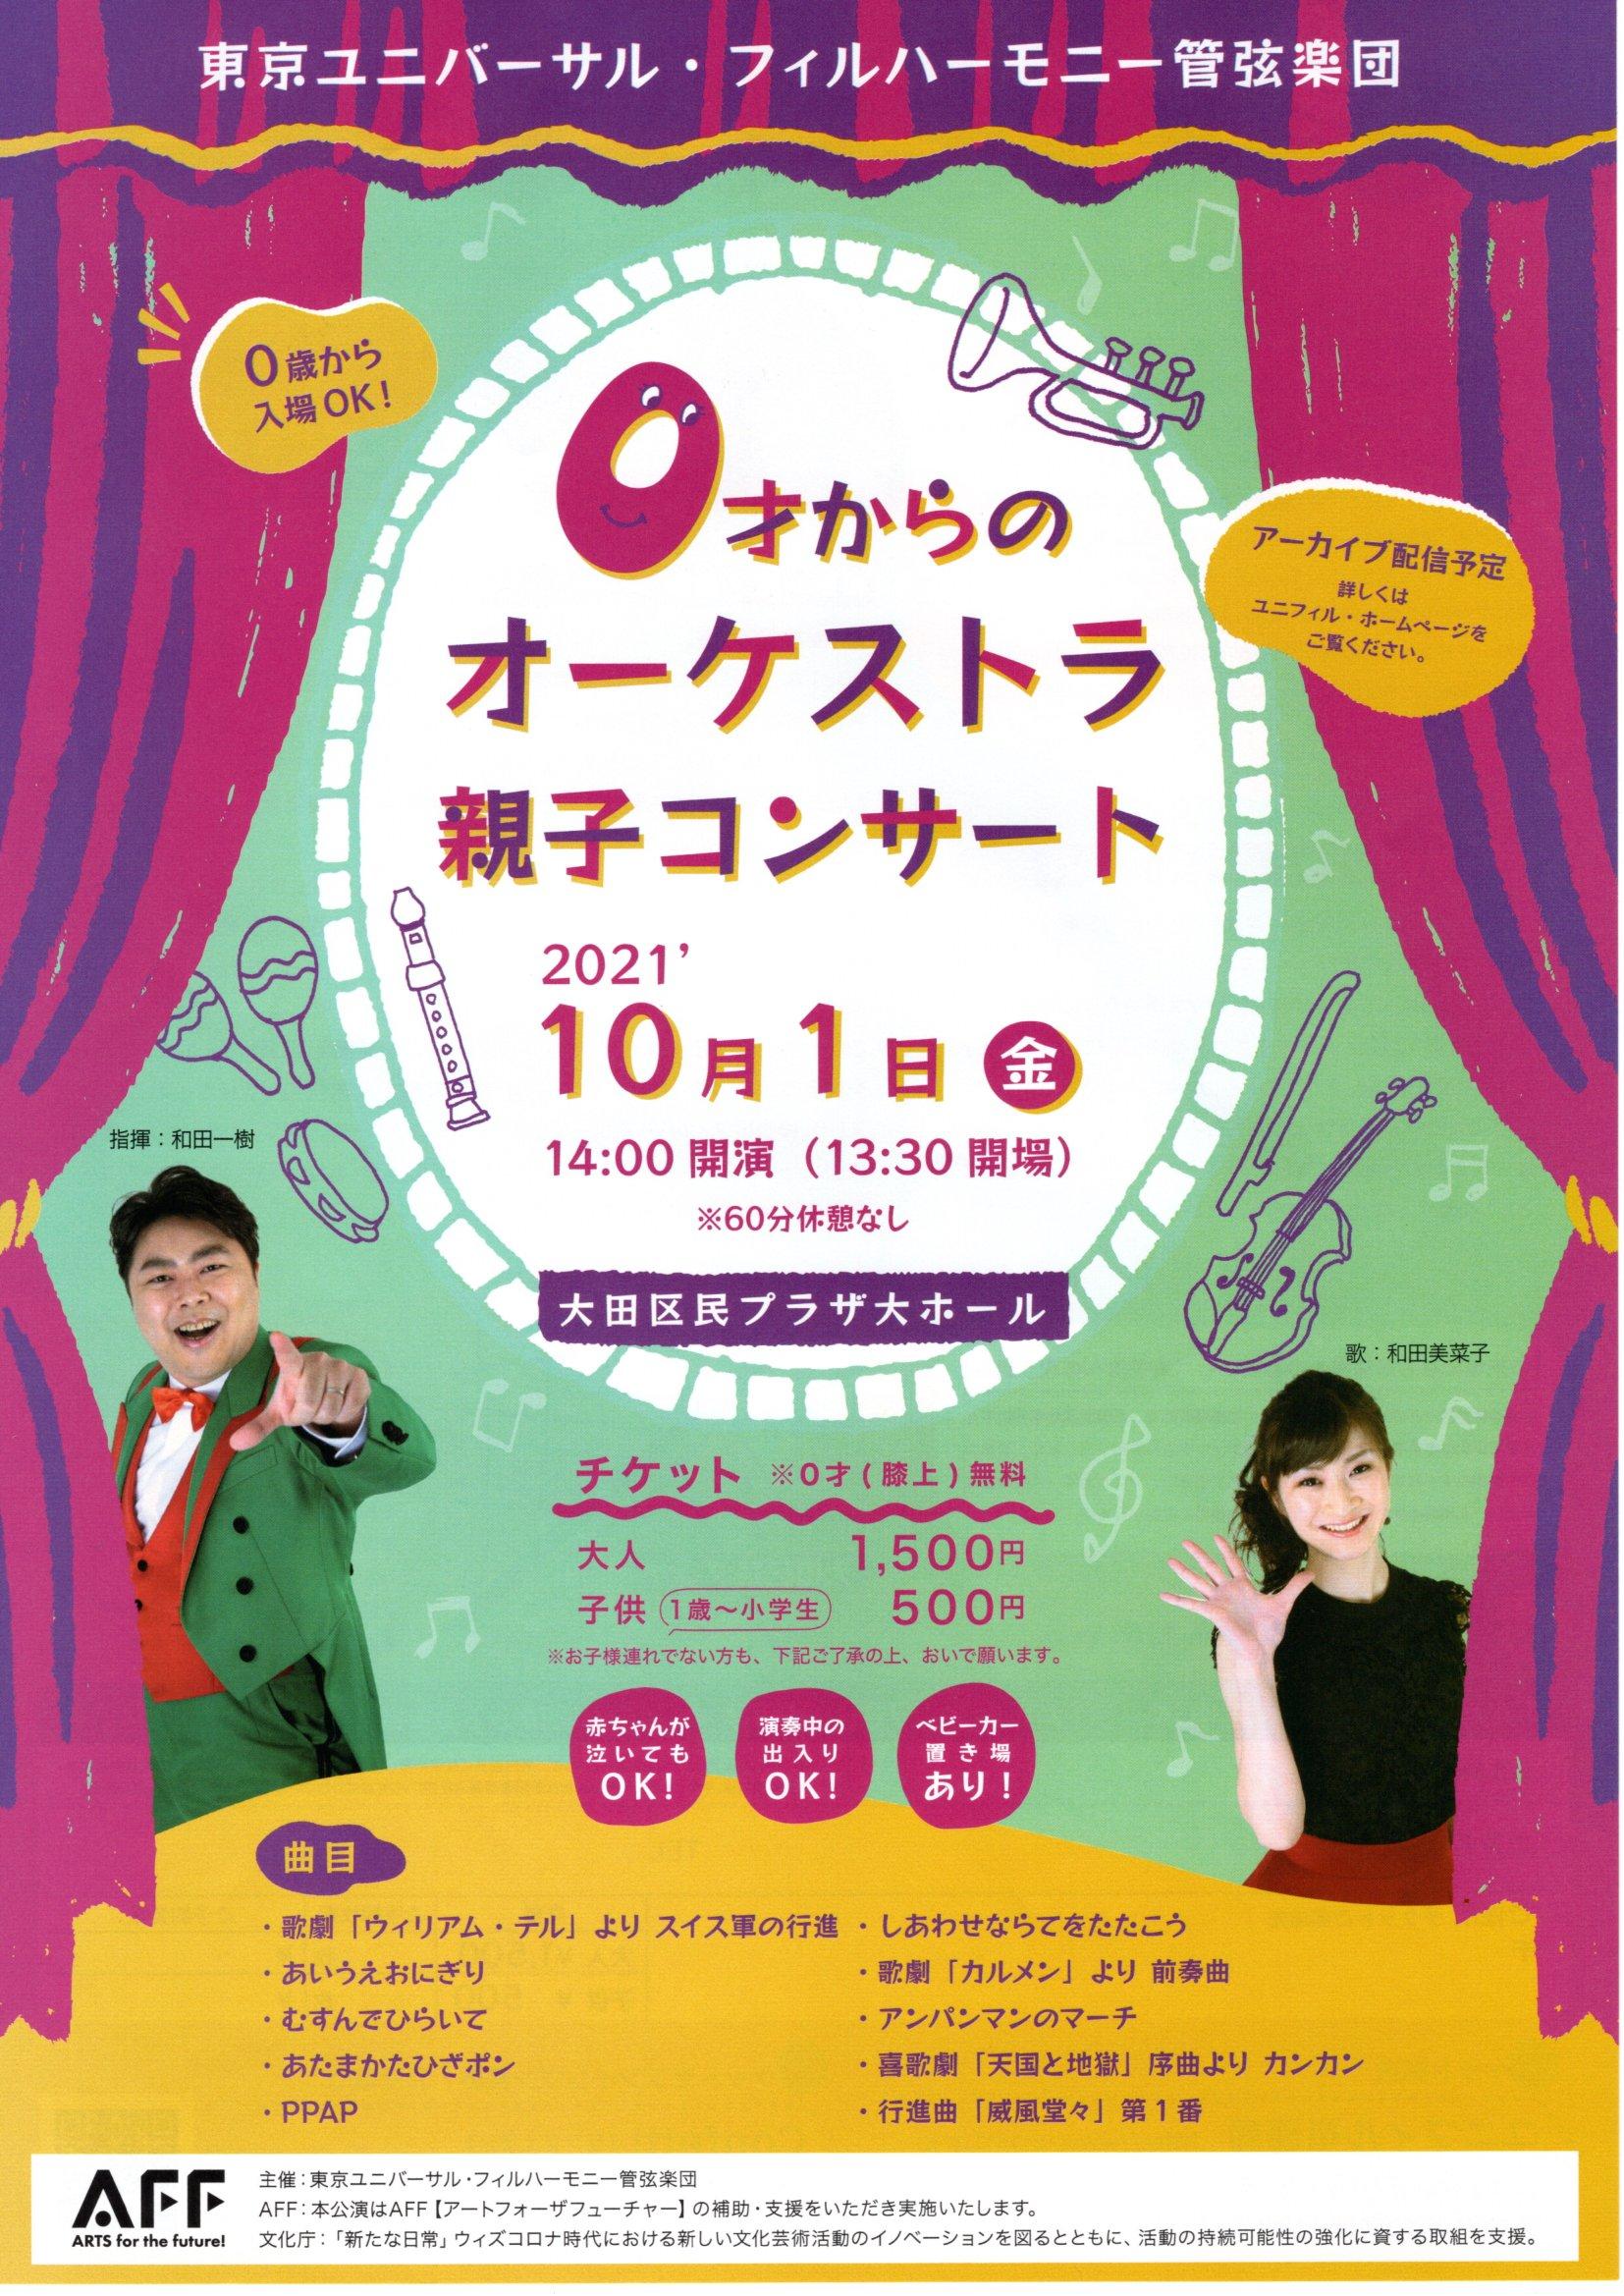 東京ユニバーサル・フィルハーモニー管弦楽団 「0歳からのオーケストラ親子コンサート」